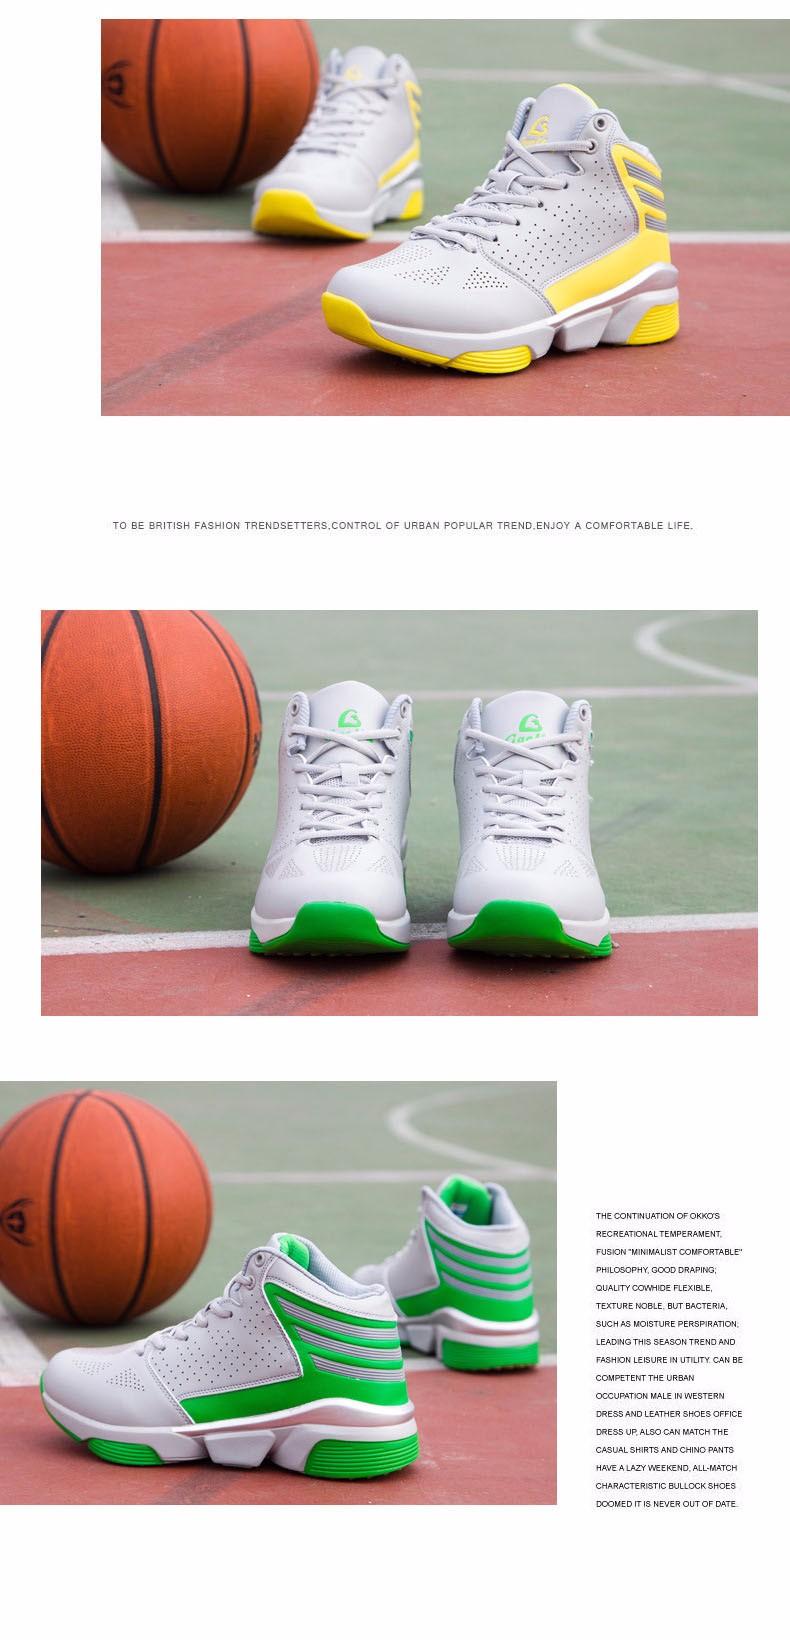 786b86d8e53 FACE VIGUEUR Super chaude jordan chaussures rétro basket-ball chaussures  confortable hommes et femmes panier homme chaussures à Lacets de Sport  chaussures